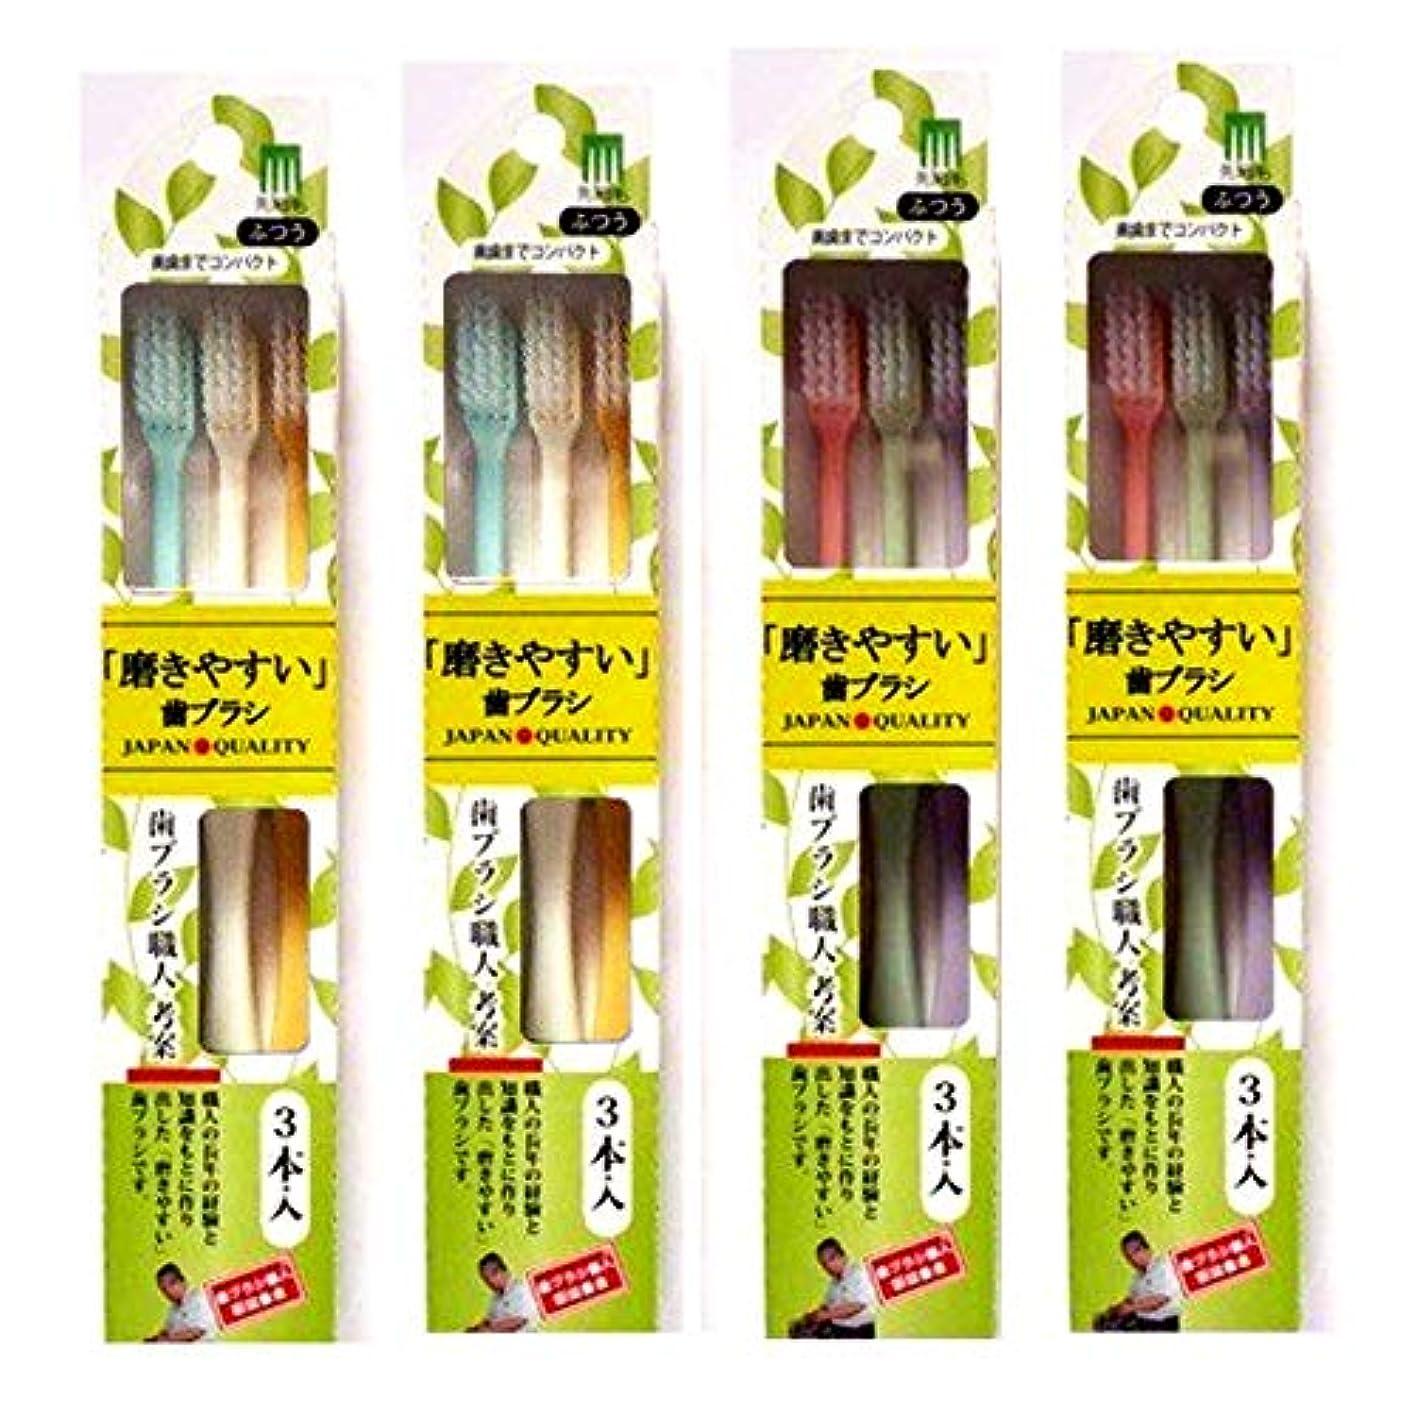 登場行商重さ磨きやすい歯ブラシ (先細毛) 奥までコンパクト ELT-1 (3本組×4個セット)